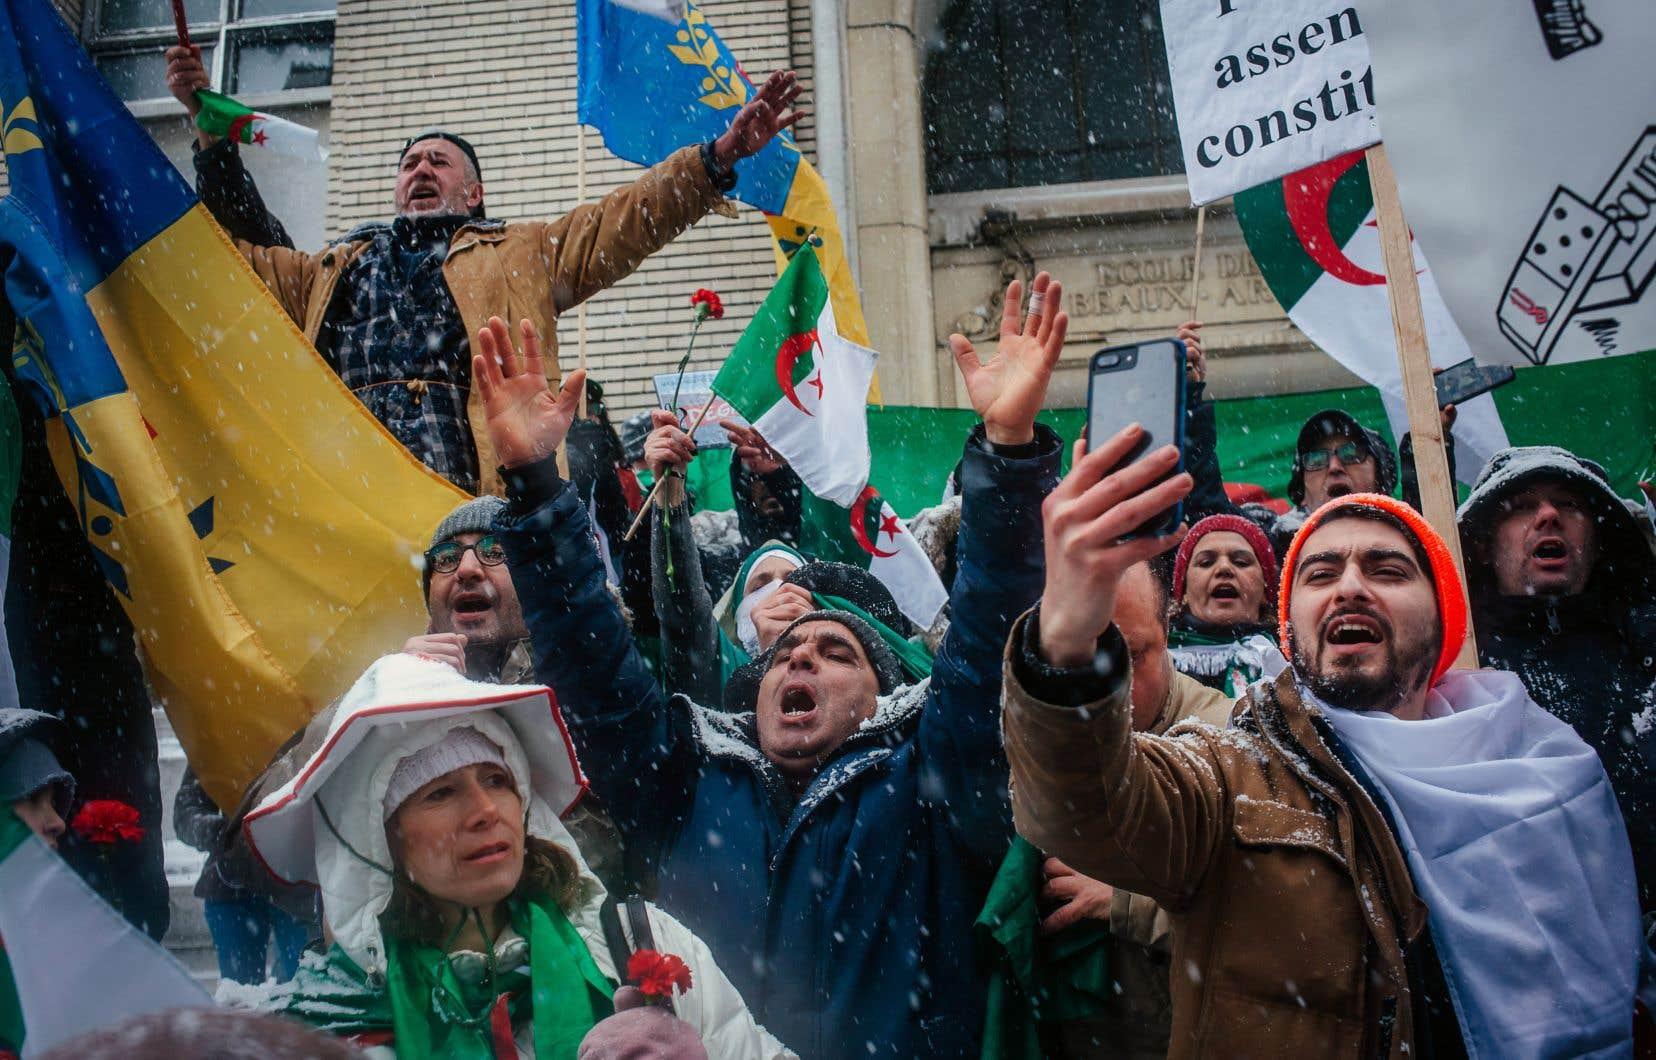 Nouveau dimanche de manifestation devant le consulat algérien à Montréal, où membres de la diaspora et Québécois d'origine algérienne se sont mobilisés contre la candidature du président Abdelaziz Bouteflika à un cinquième mandat.